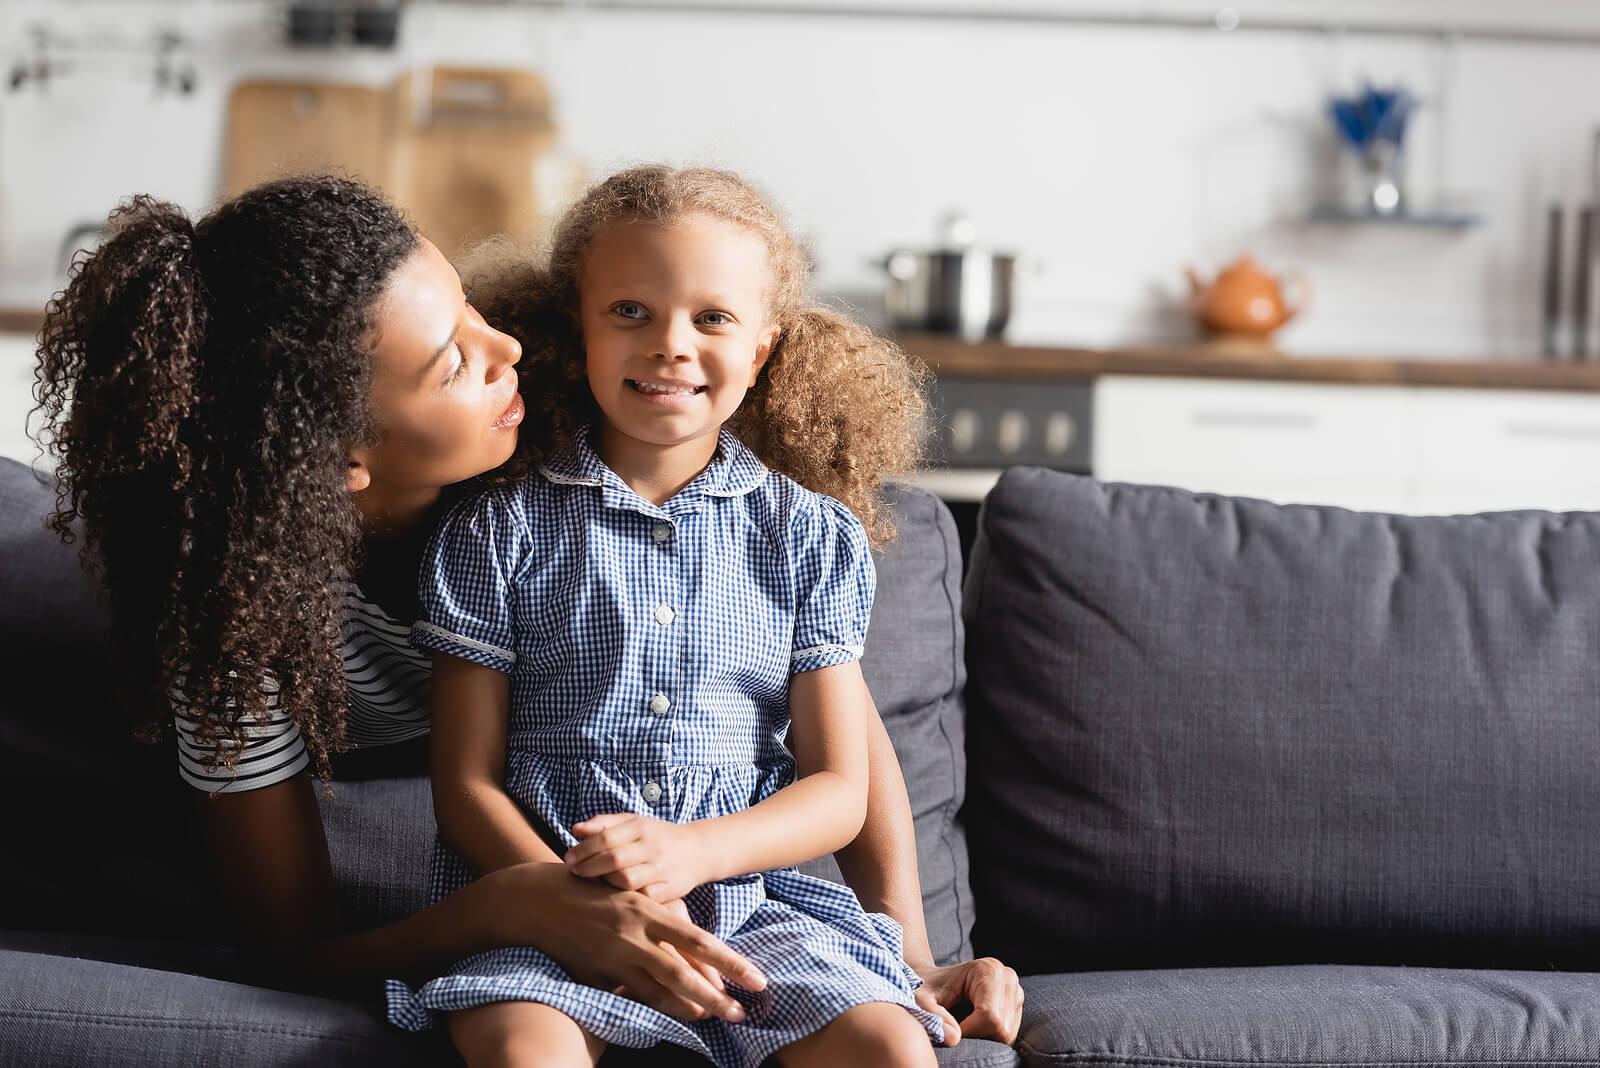 Juegos para desarrollar la inteligencia emocional en niños